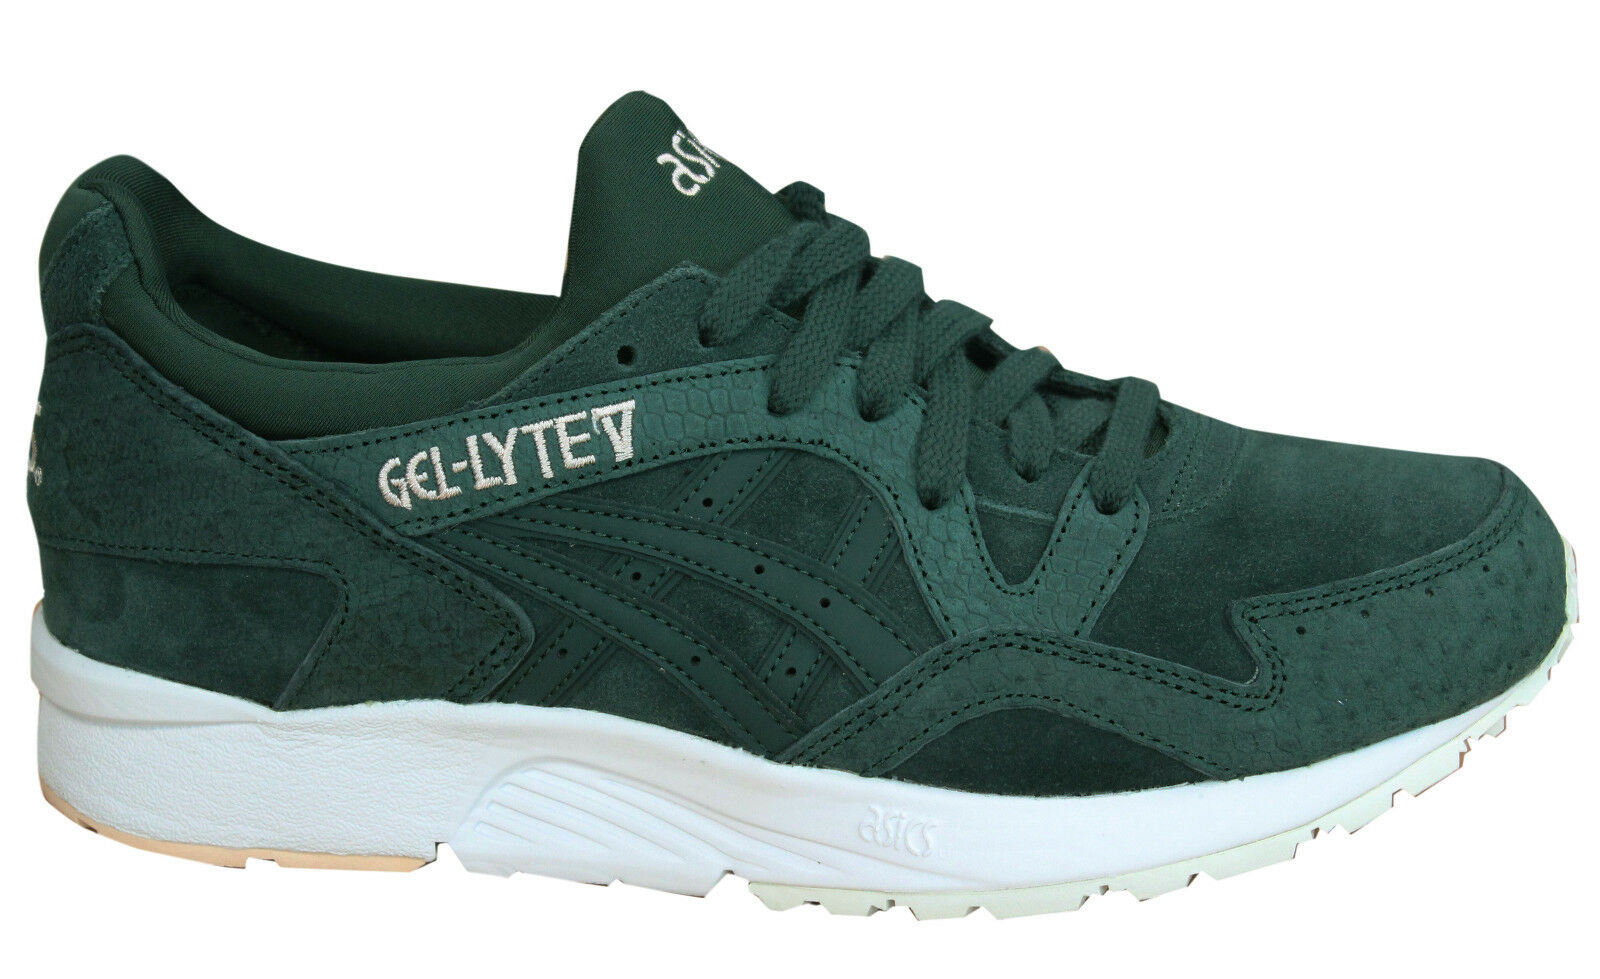 Asics Gel-Lyte V Lace Up blanc vert Leather femmes Trainers HL7DL 8585 M8